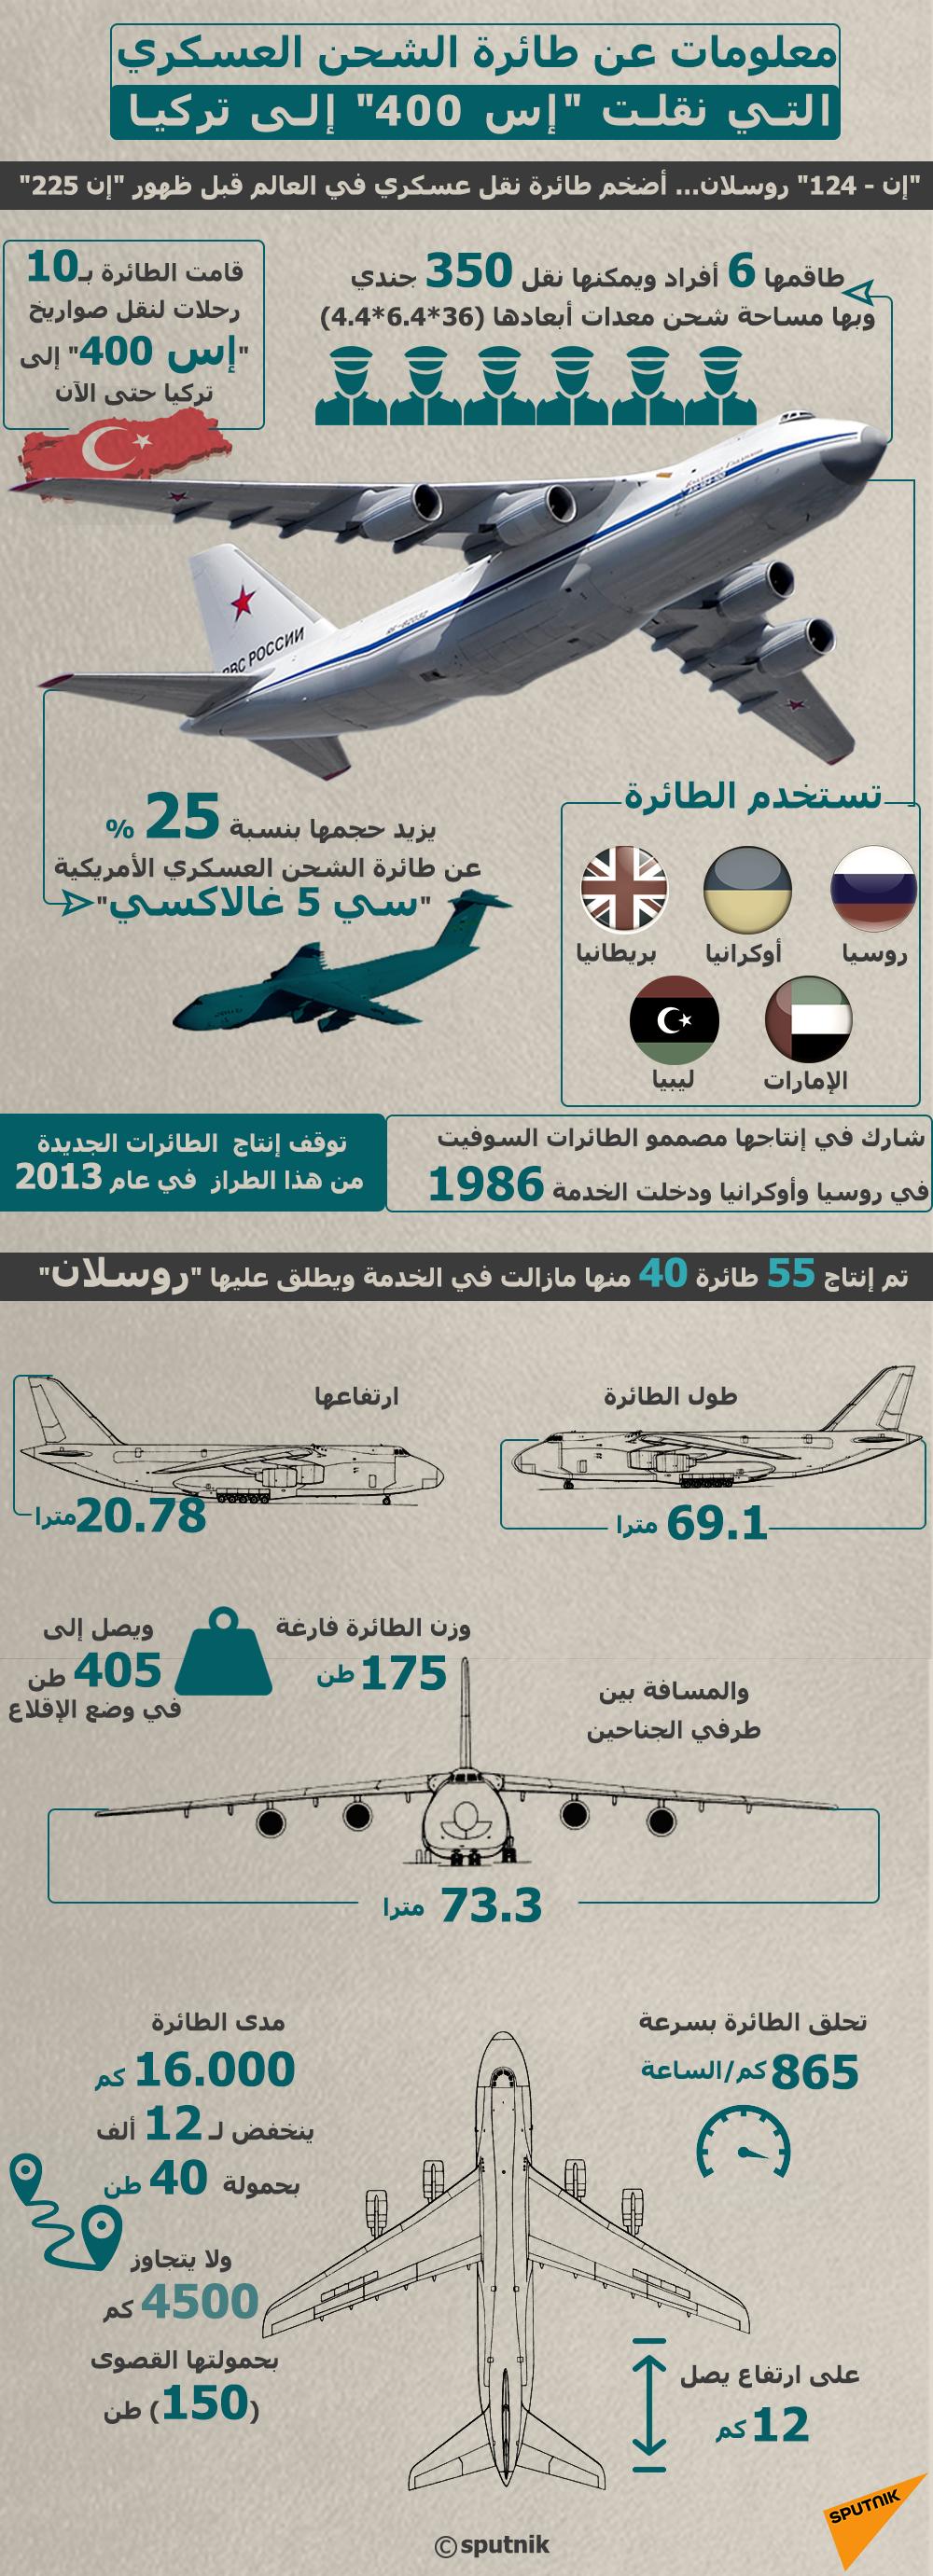 إنفوجرافيك - معلومات عن طائرة الشحن العسكري التي نقلت صواريخ إس 400 إلى تركيا